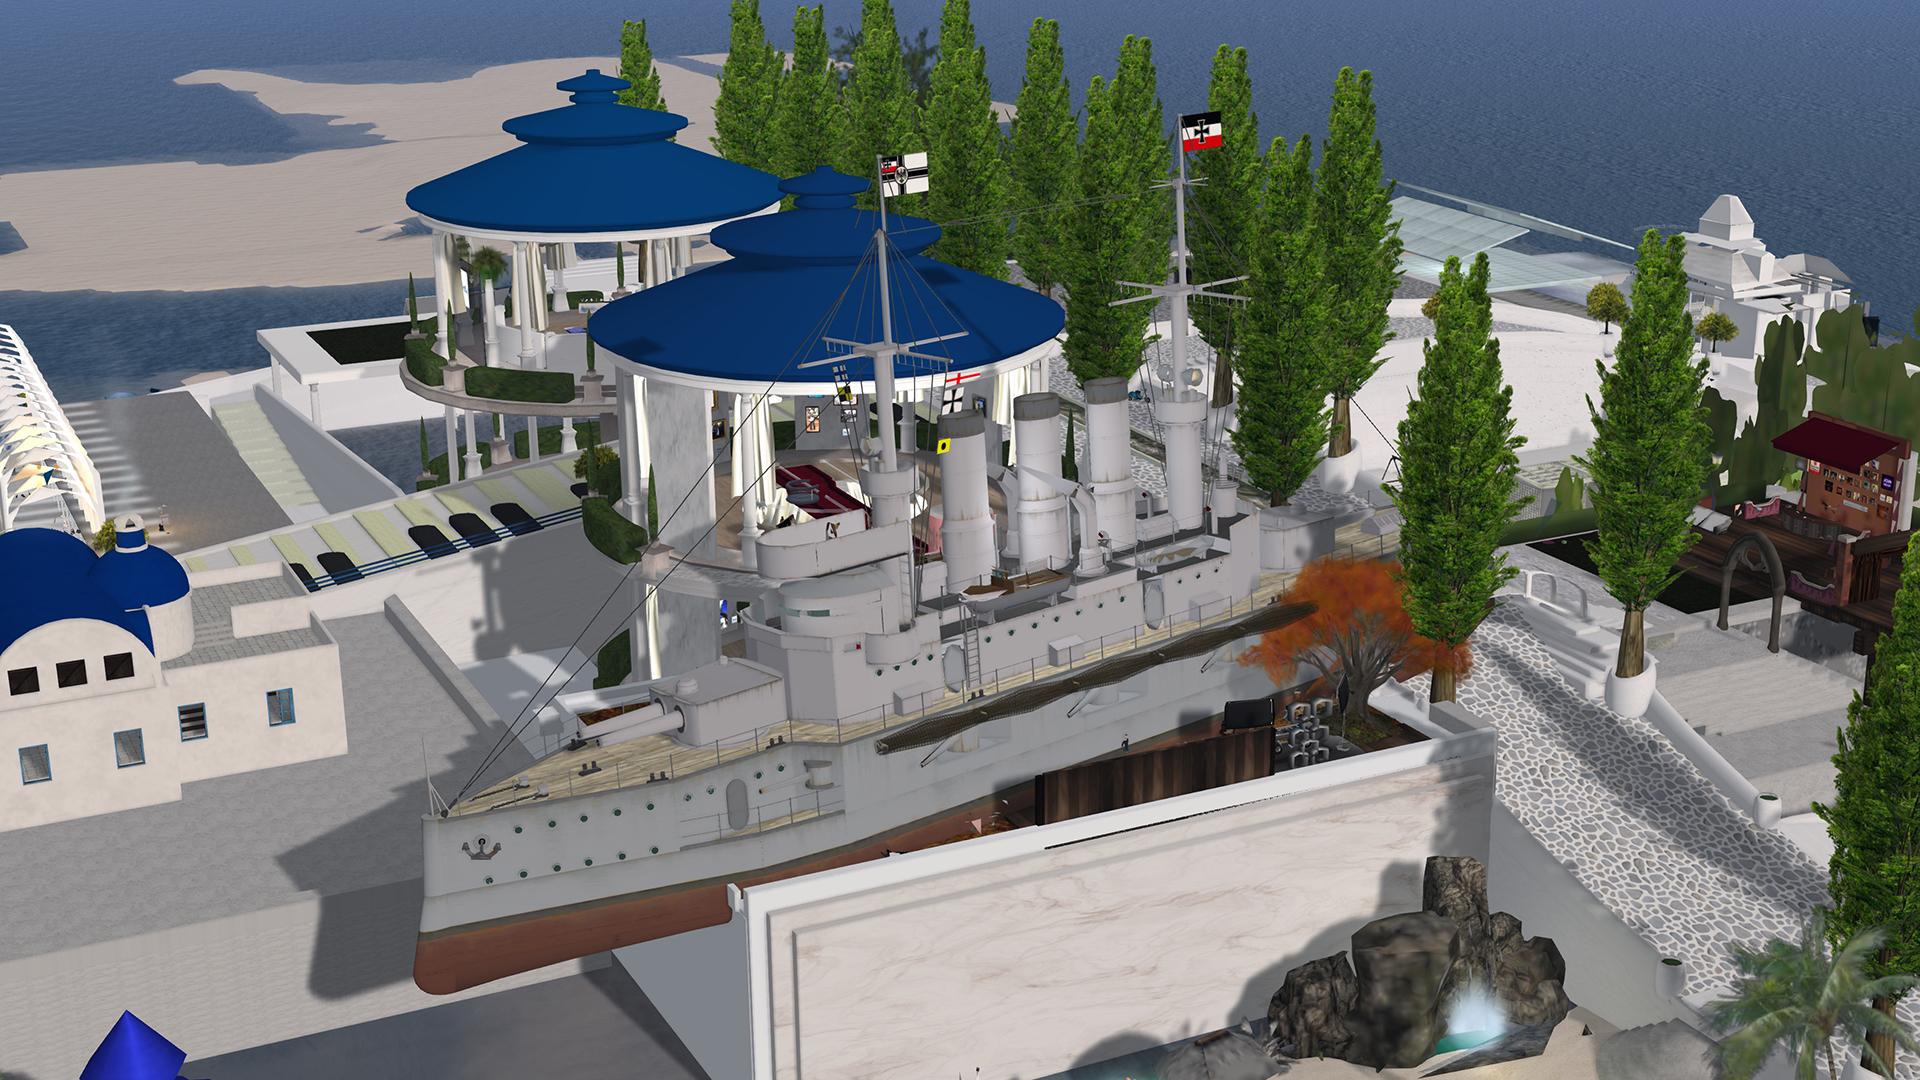 Cafeシンデレラ:シンデレラに巨大ホバークラフトと戦艦が衝突しま…エッ ...